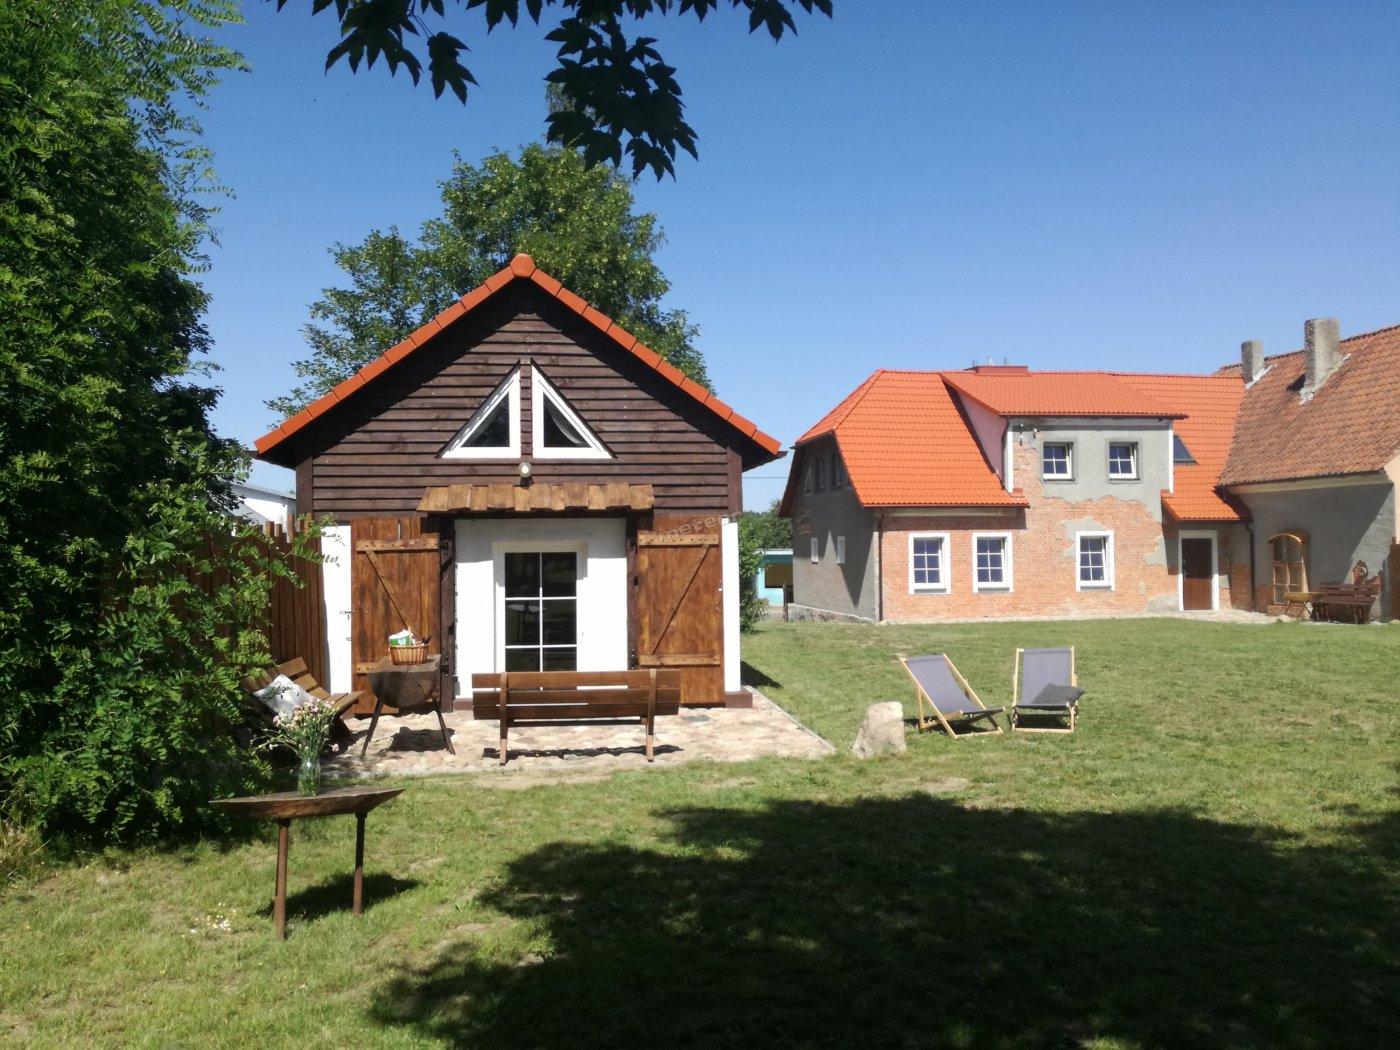 domy położone są w taki sposób, by goście czuli się w nich swobodnie